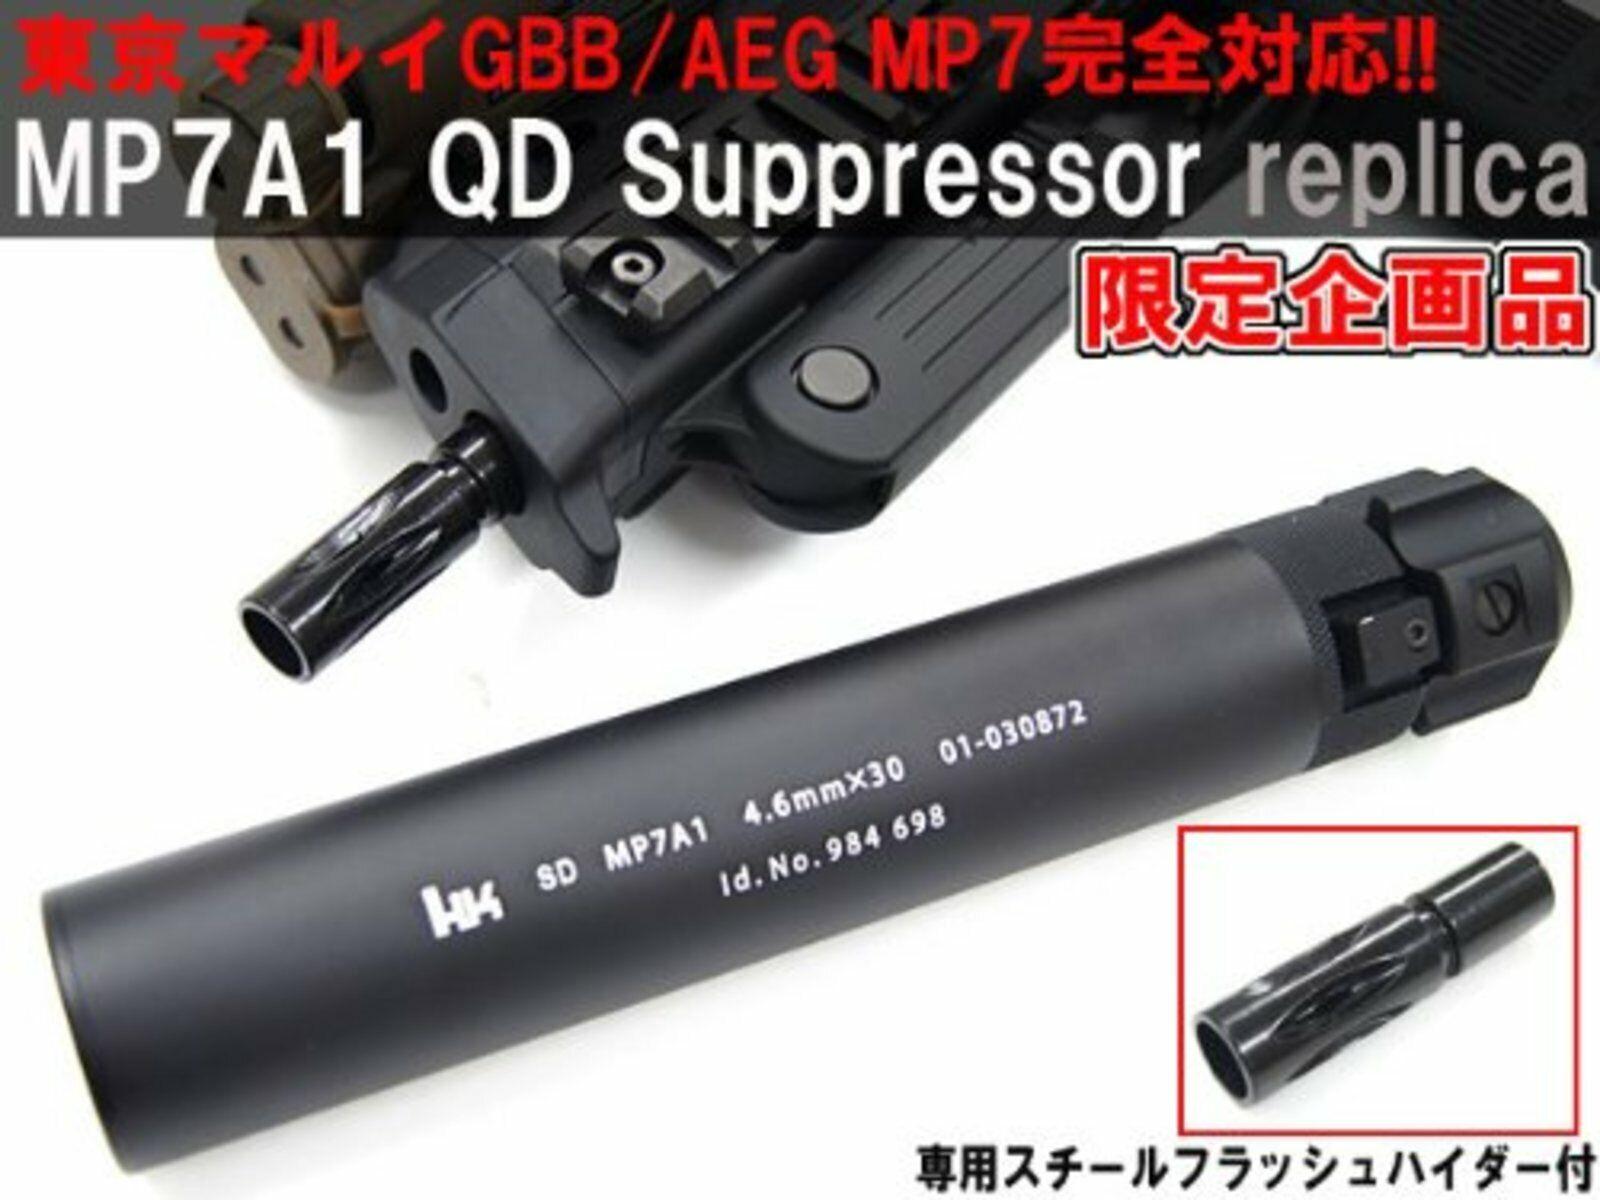 QD suppressor replica for Tokyo Marui GBB AEG MP7A1 MP7 Ryohin Buhin w Tracking